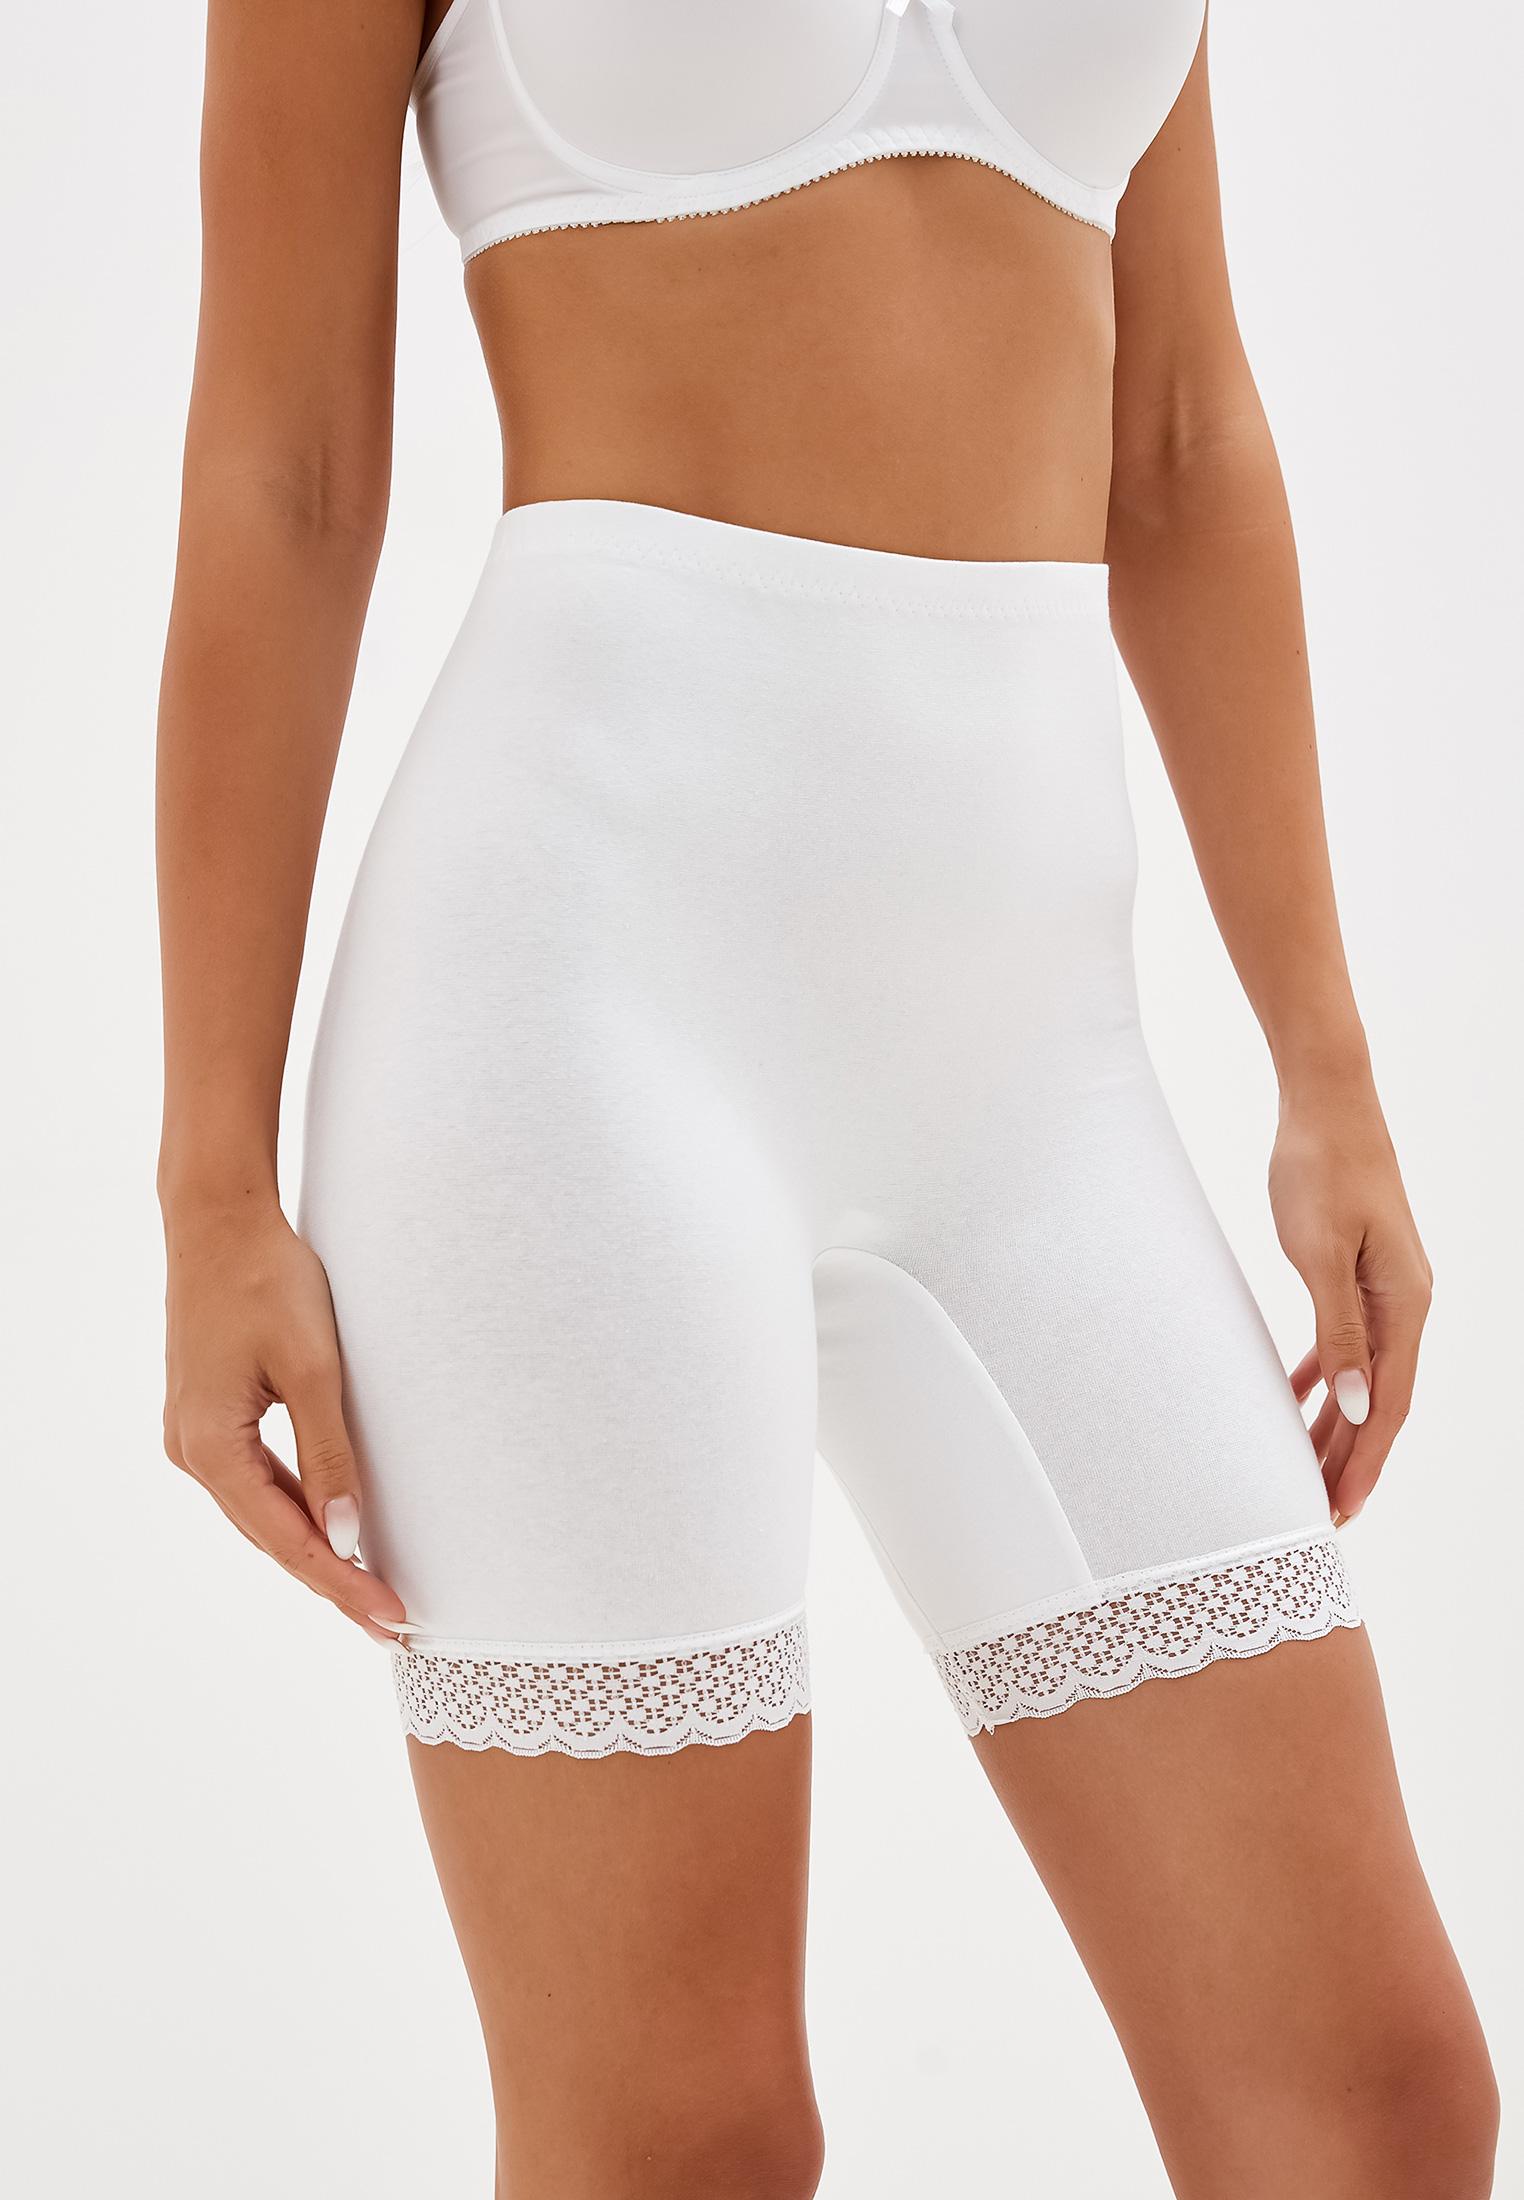 Панталоны женские НОВОЕ ВРЕМЯ T014 белые 48 RU